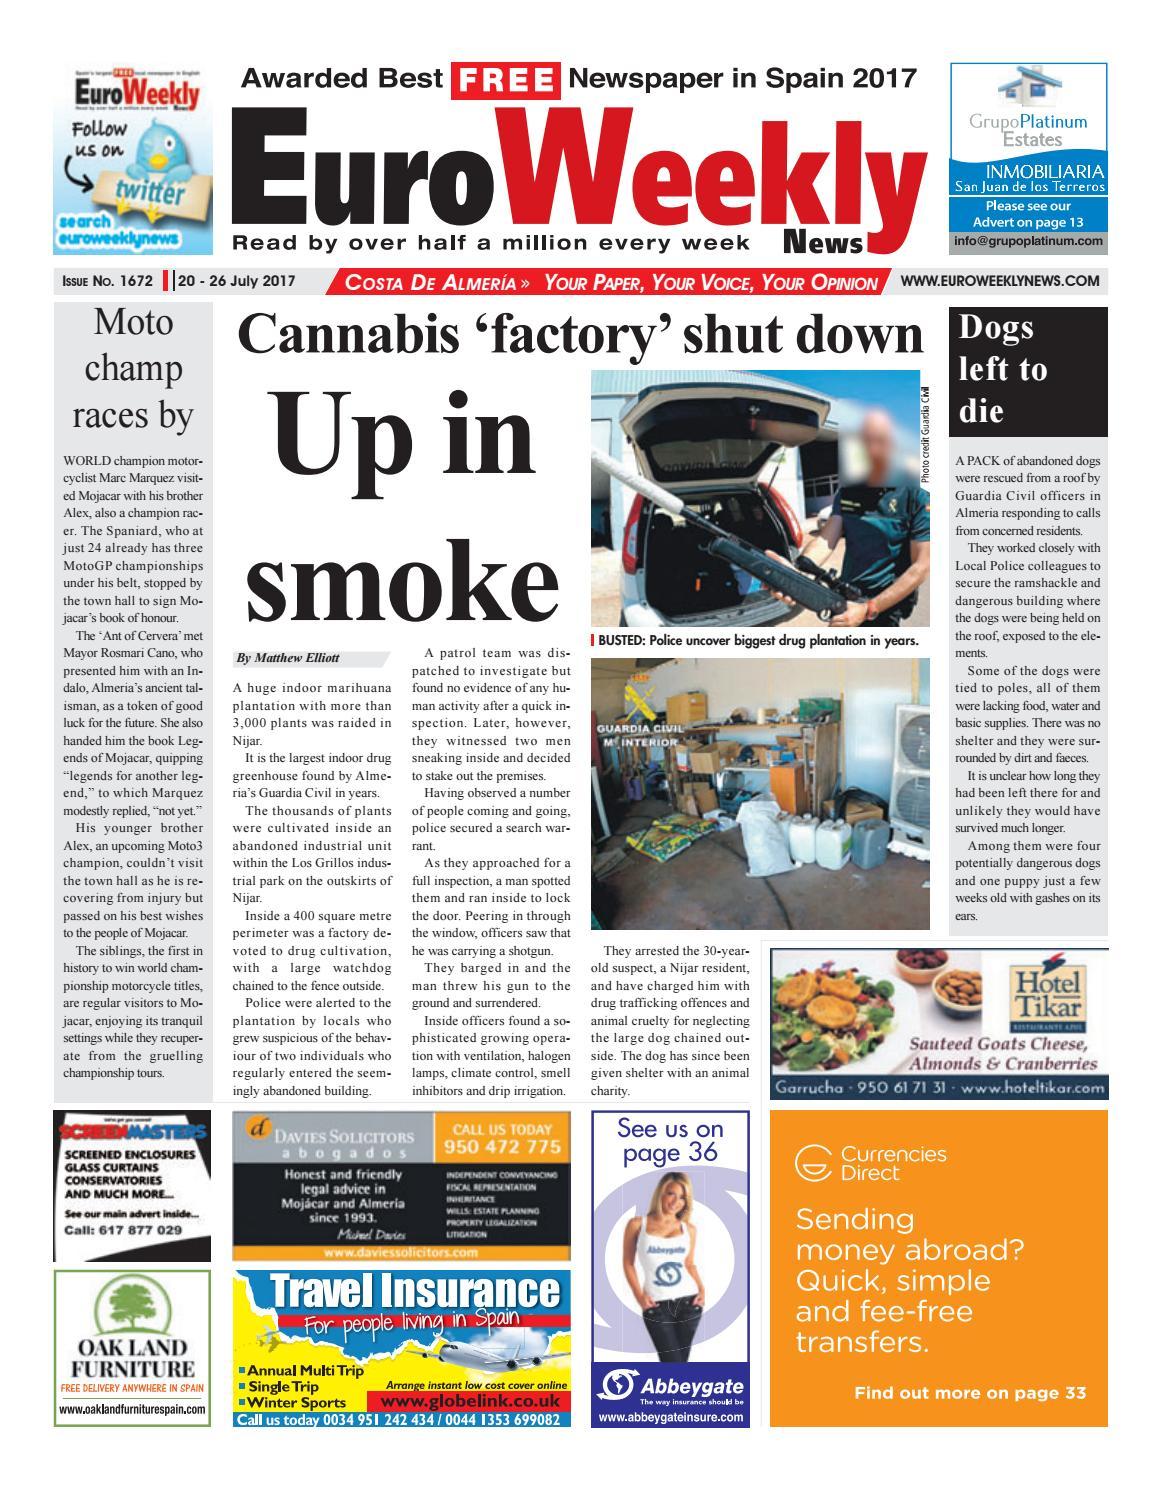 Actor Porno En Tenerife 2017 euro weekly news - costa de almeria 20 – 26 july 2017 issue